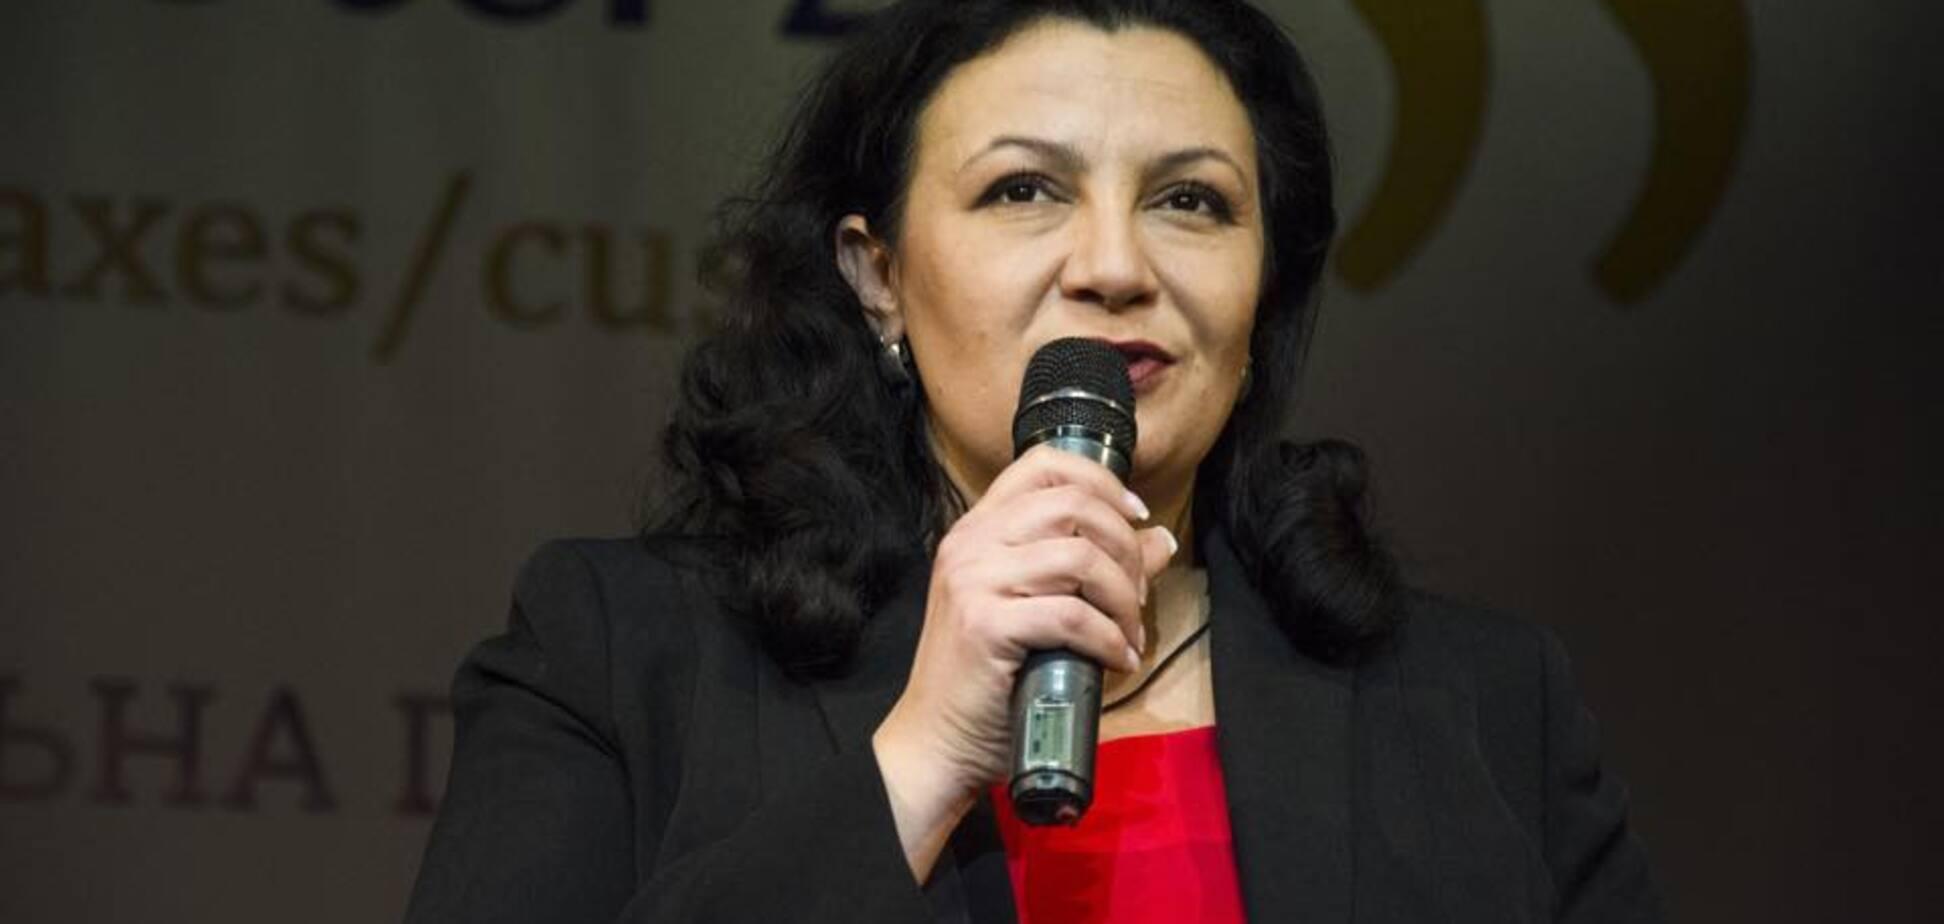 Росія активізується проти України на всіх фронтах - віце-прем'єр